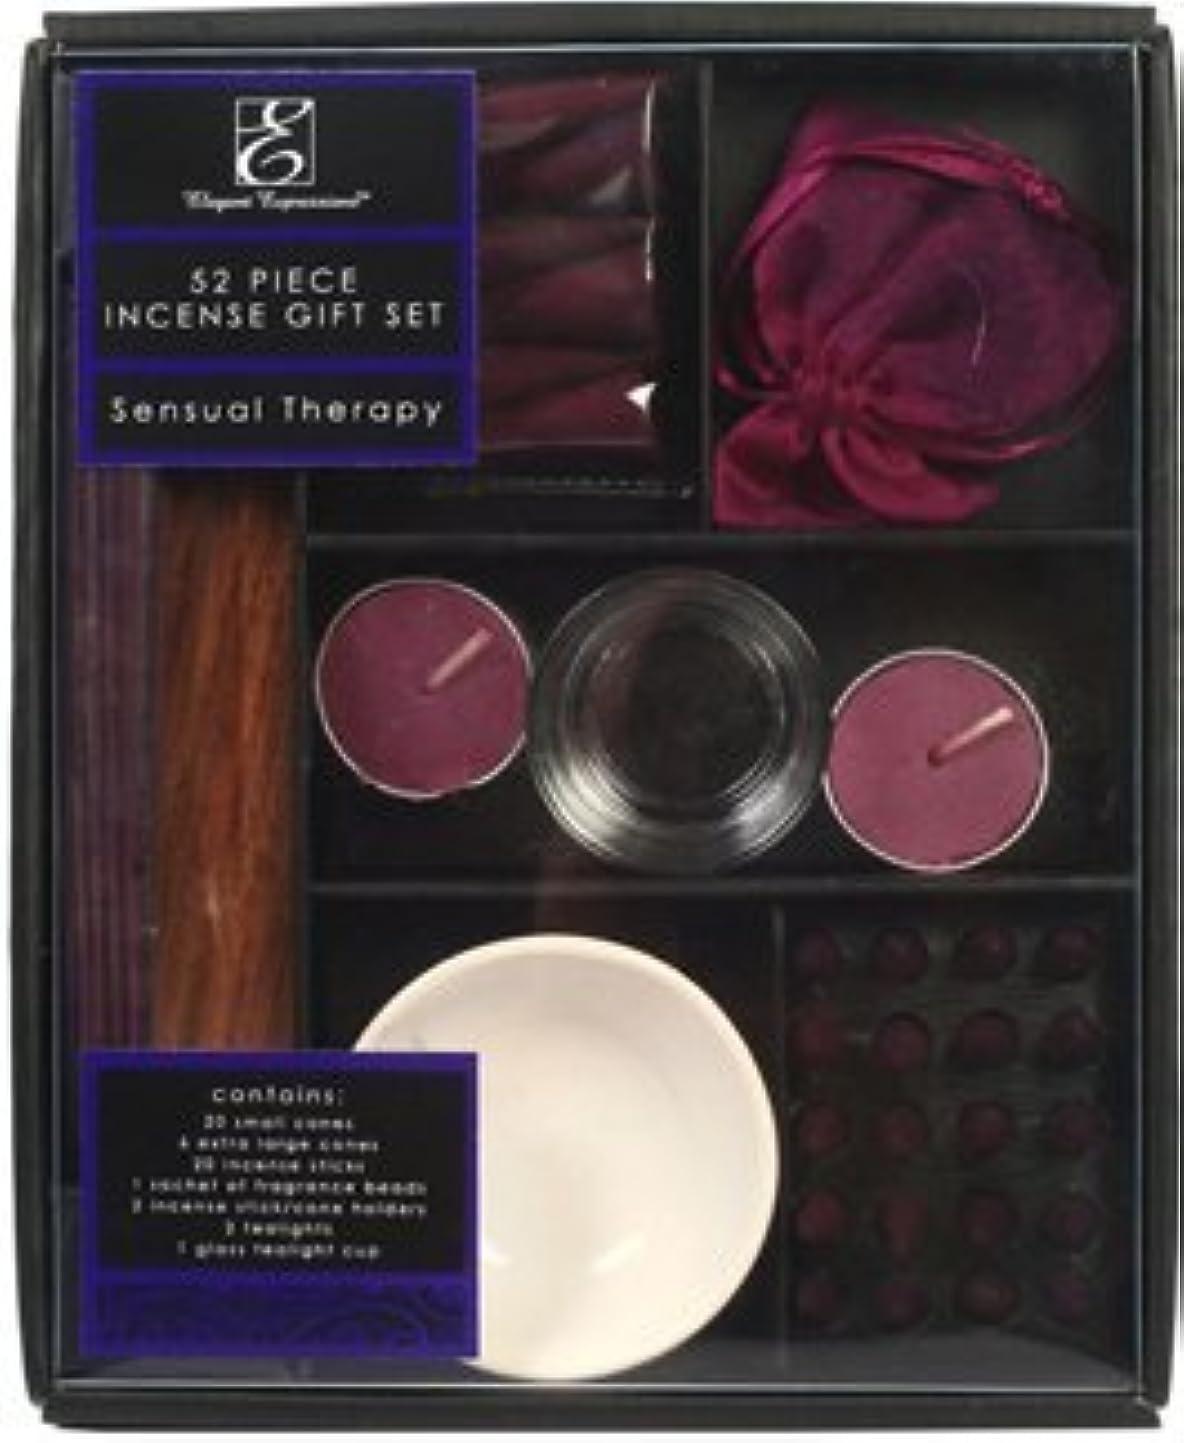 確かなホールドオール簡単なアロマセラピーHosley ®プレミアム52ピースパックHighly香りつき官能的療法お香ギフトセット。手Fragranced、Infused with Essential Oils。理想的なギフトや結婚式、特別なイベント...